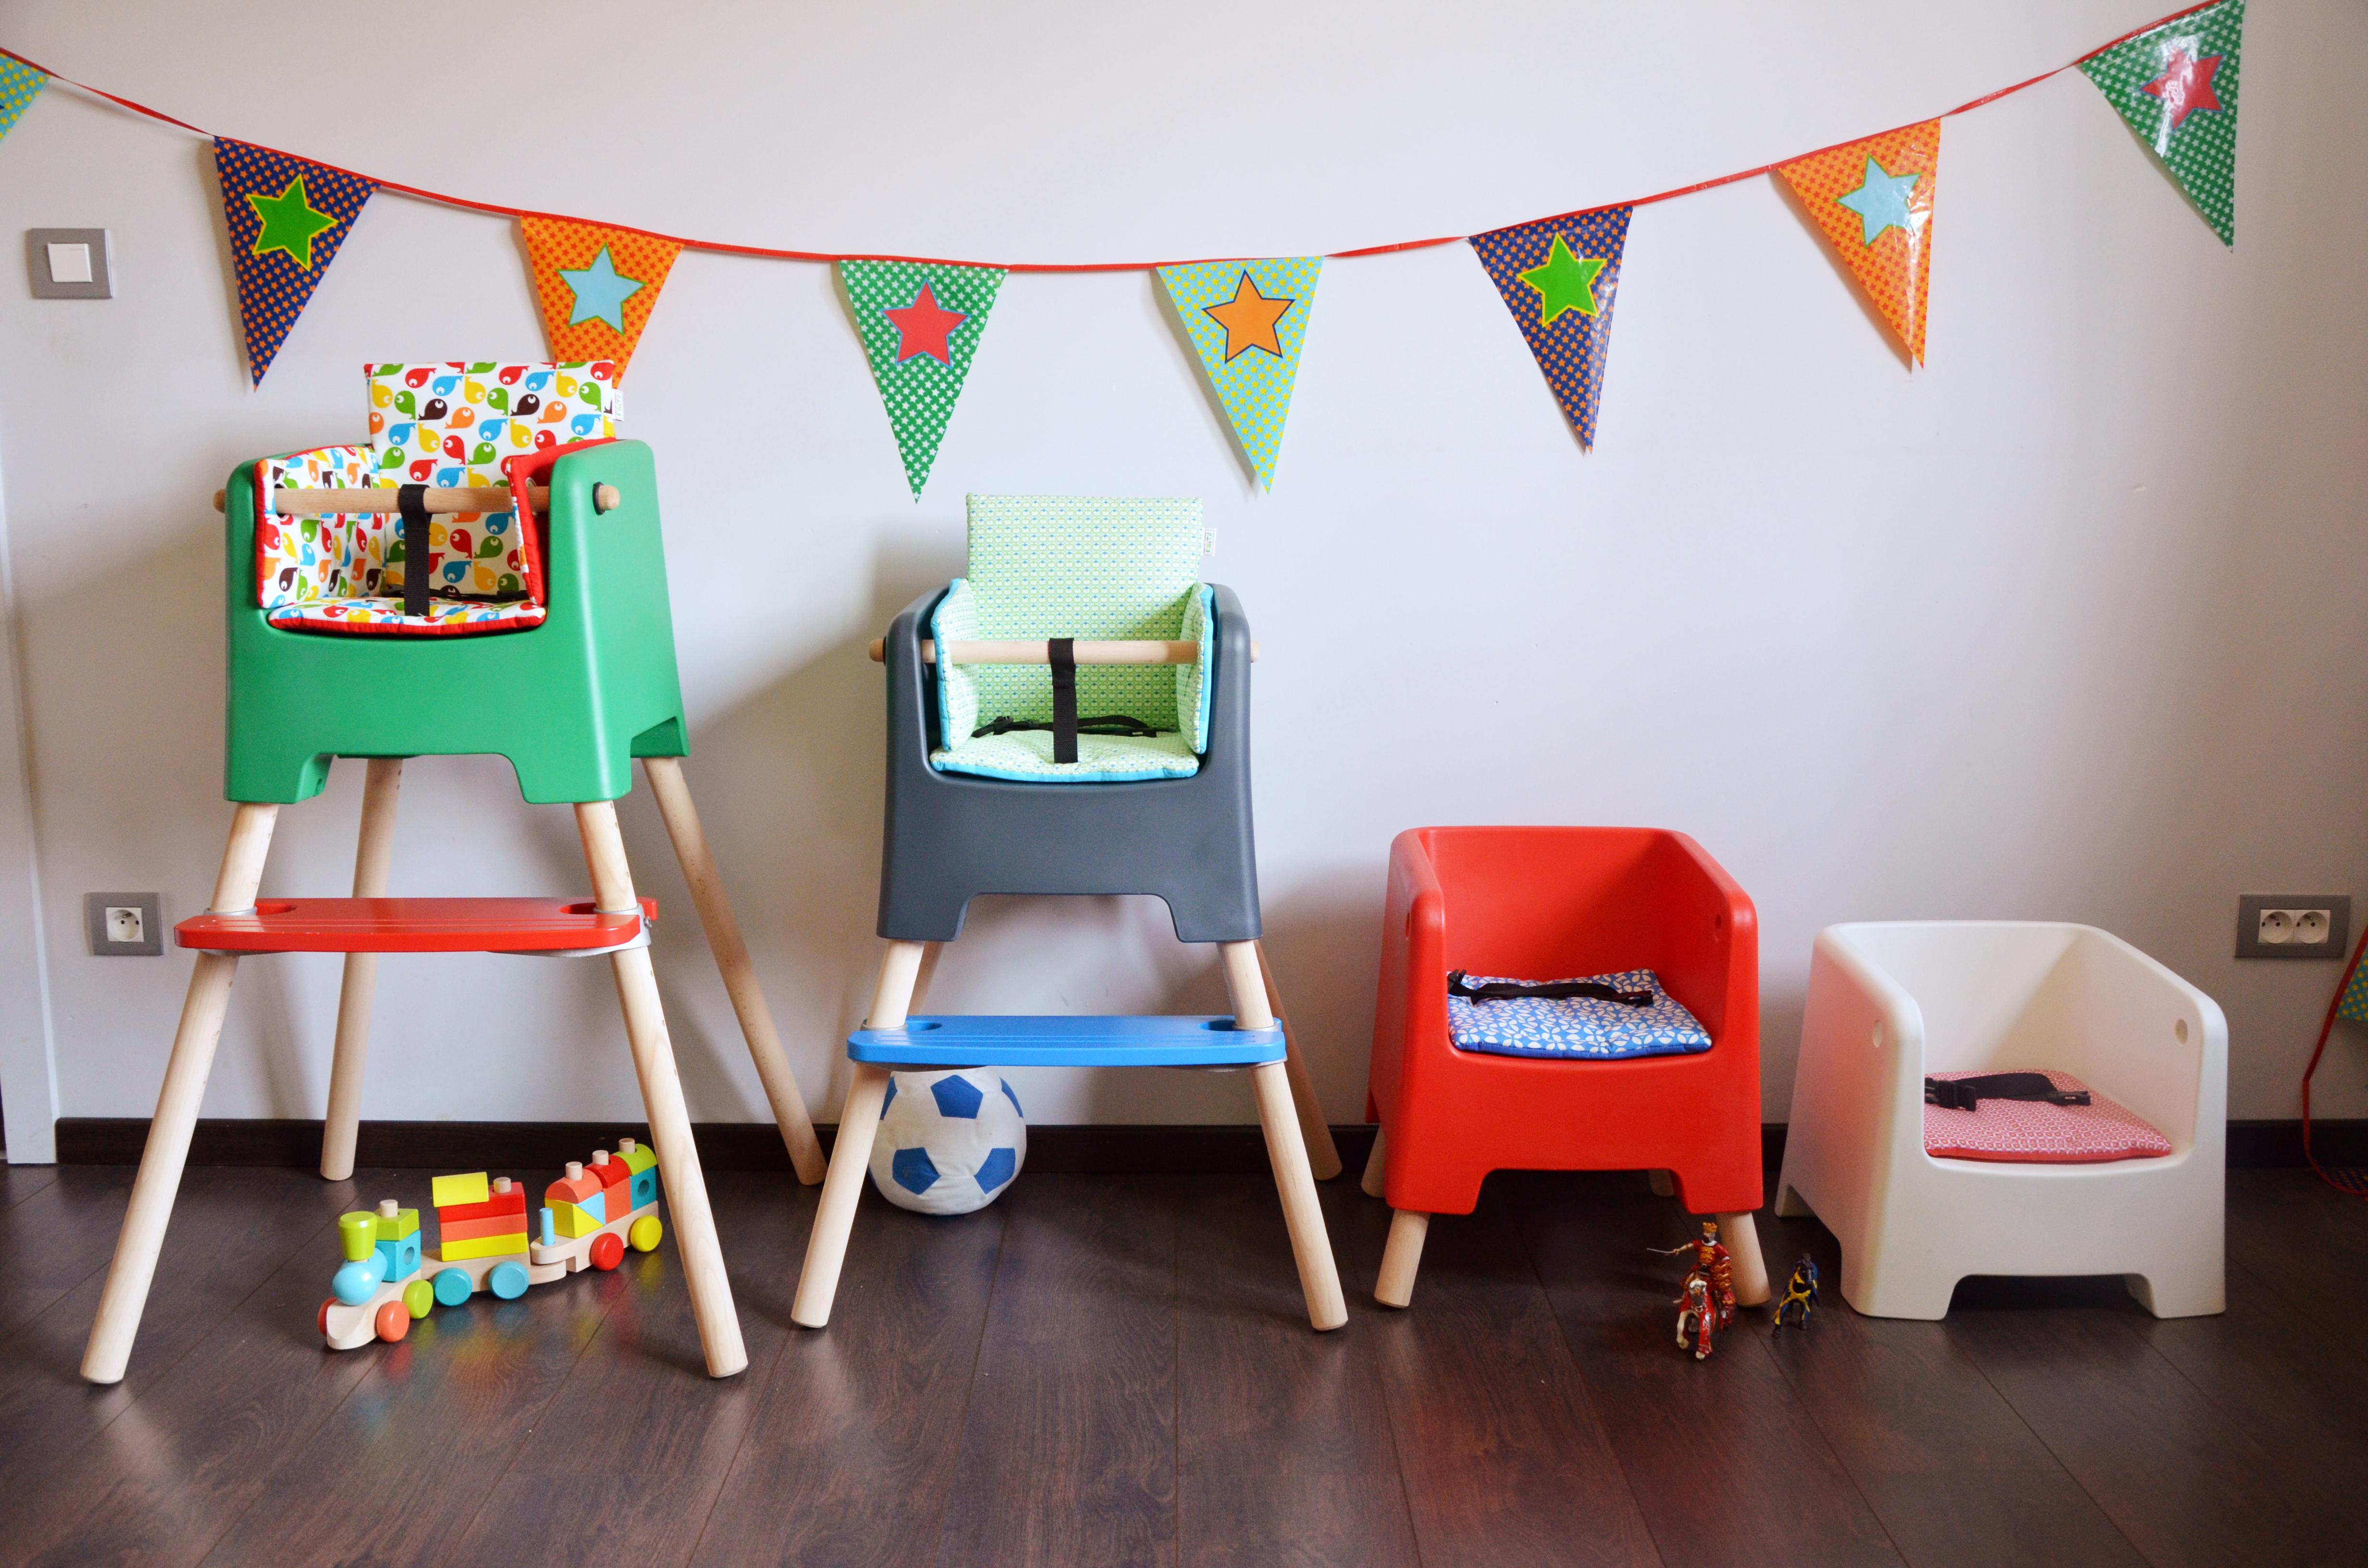 Kinderstoel Aan Eettafel : Alle originele kinderstoelen op een rij welke kies jij hip